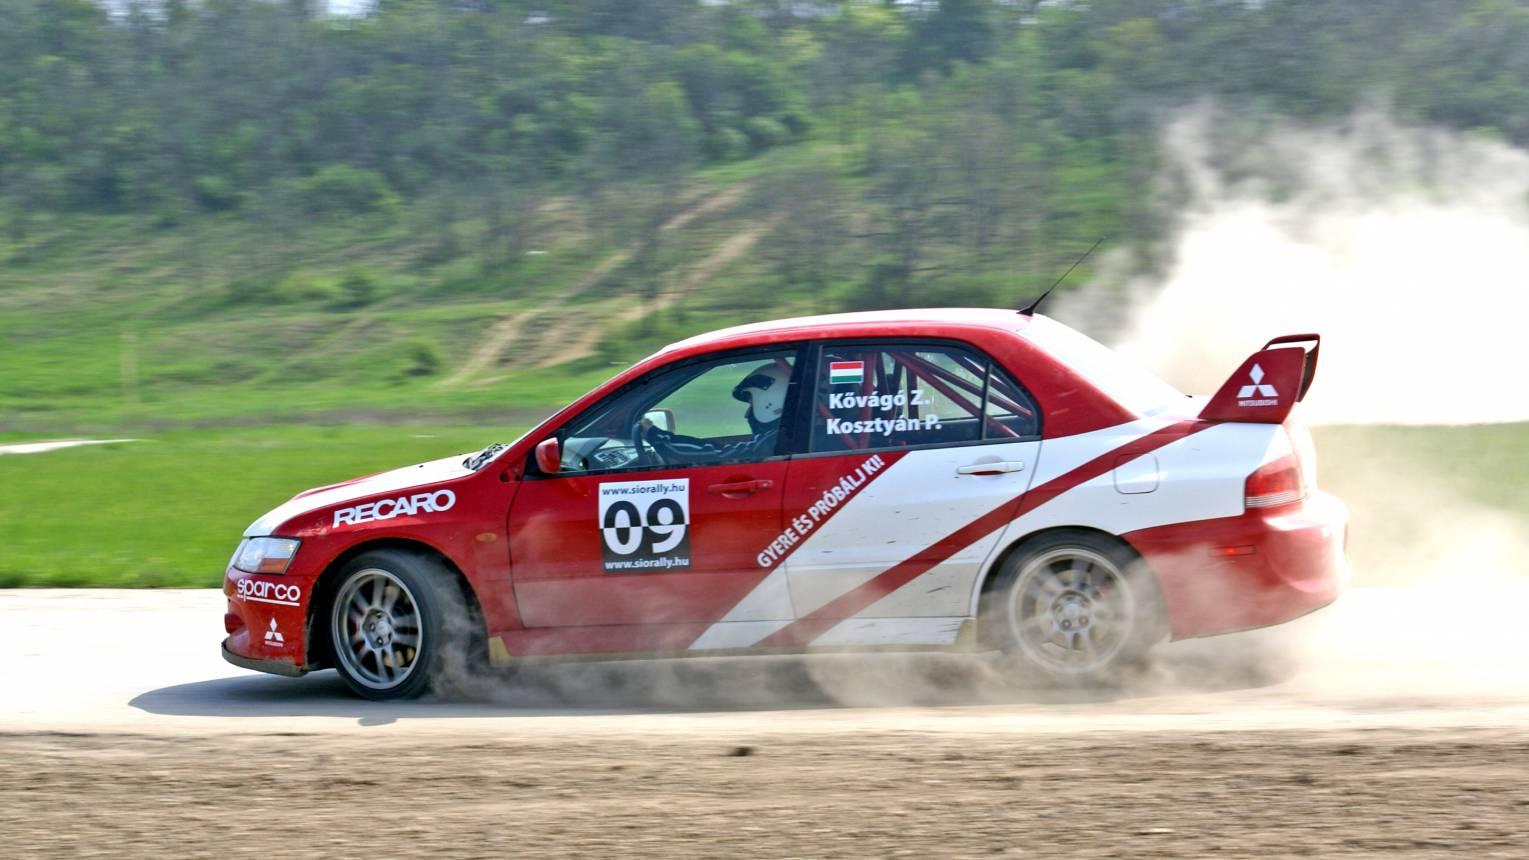 Mitsubishi Lancer Evo IX-es rally